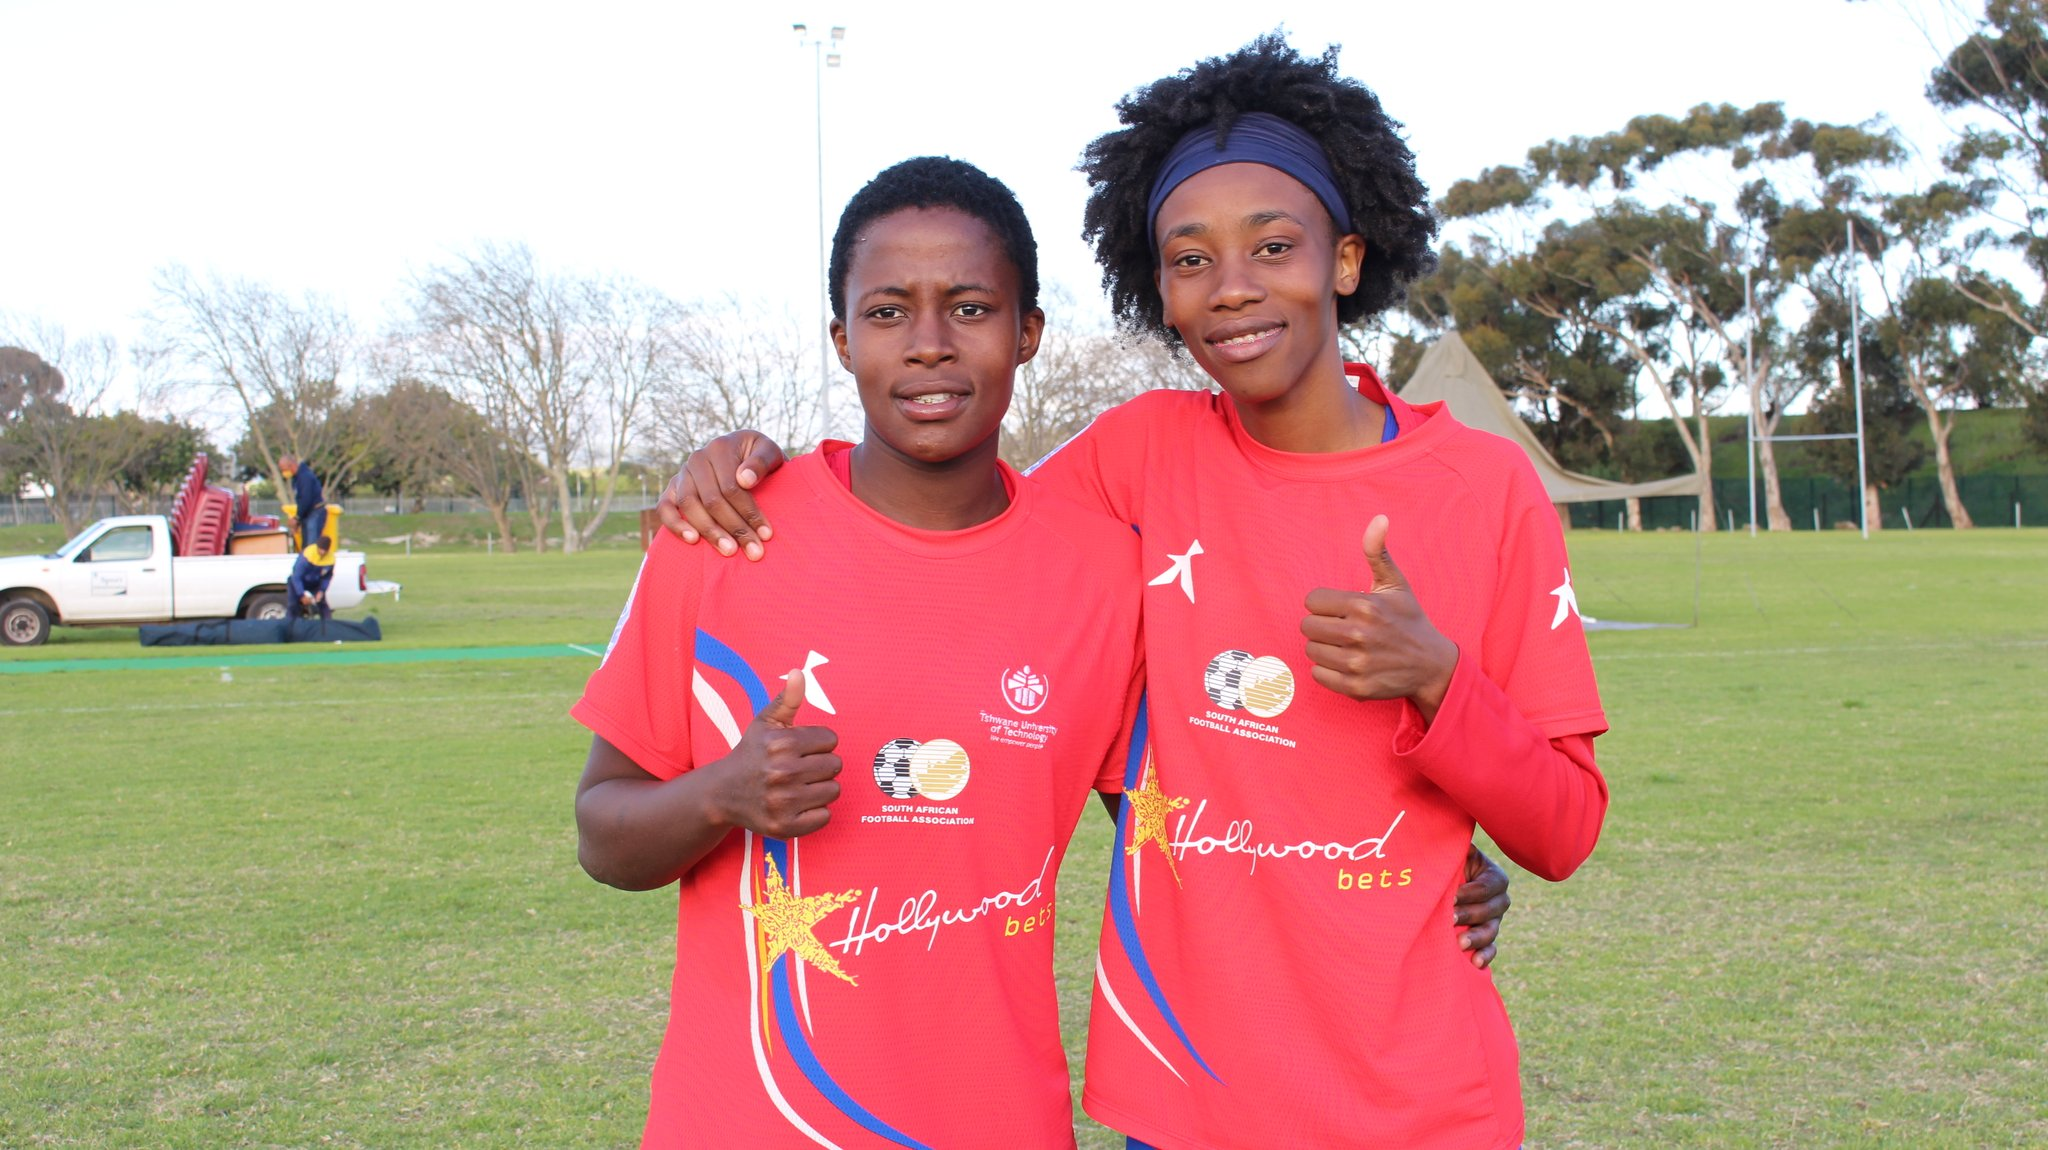 Tiisetso Makhubela and Koketso Tlailane